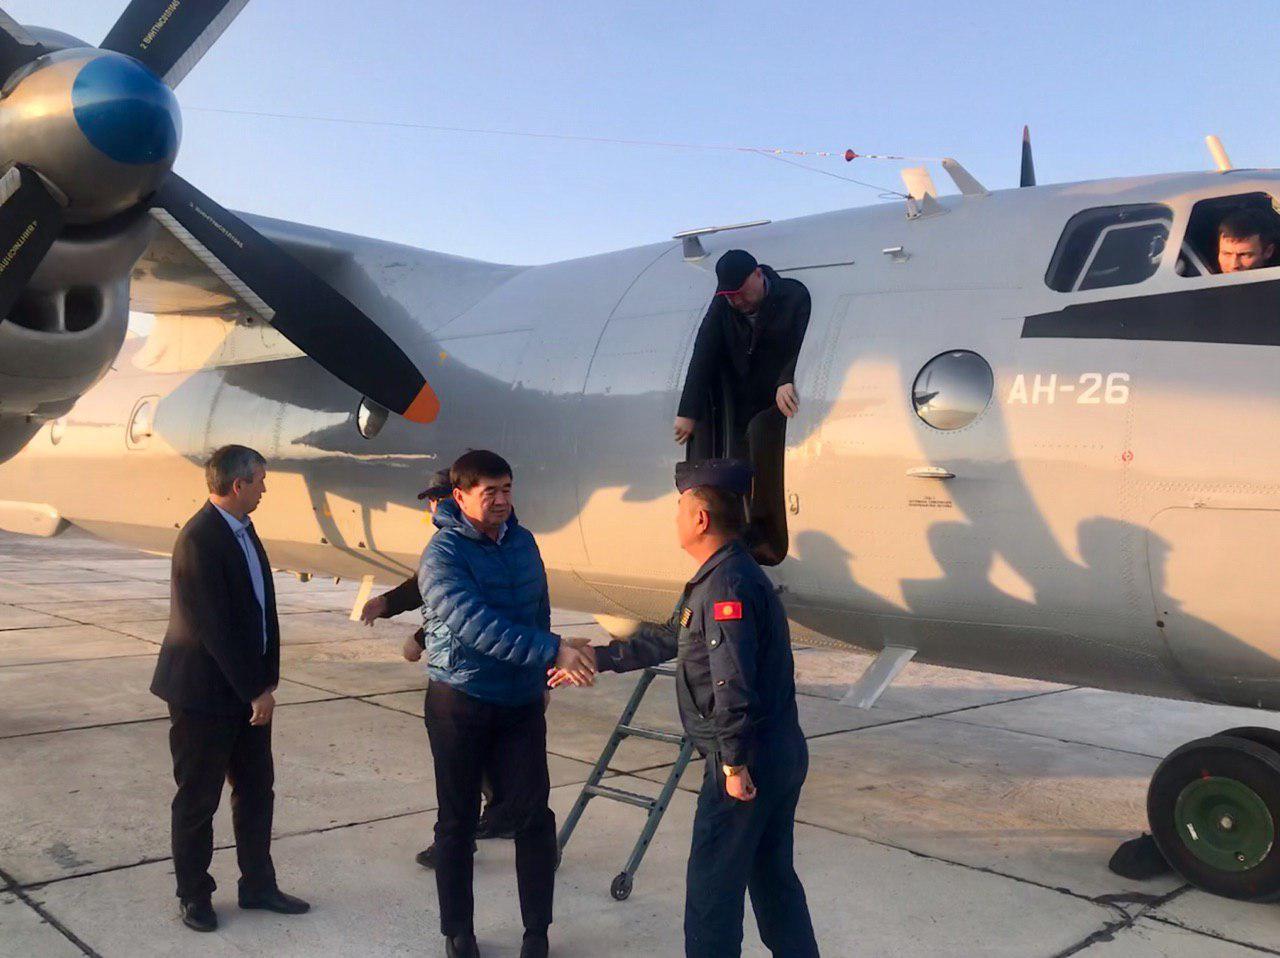 М. Абылгазиев вынужден был посетить Баткенскую область по поводу ЧП, экстренно вылетев туда на военном борту…